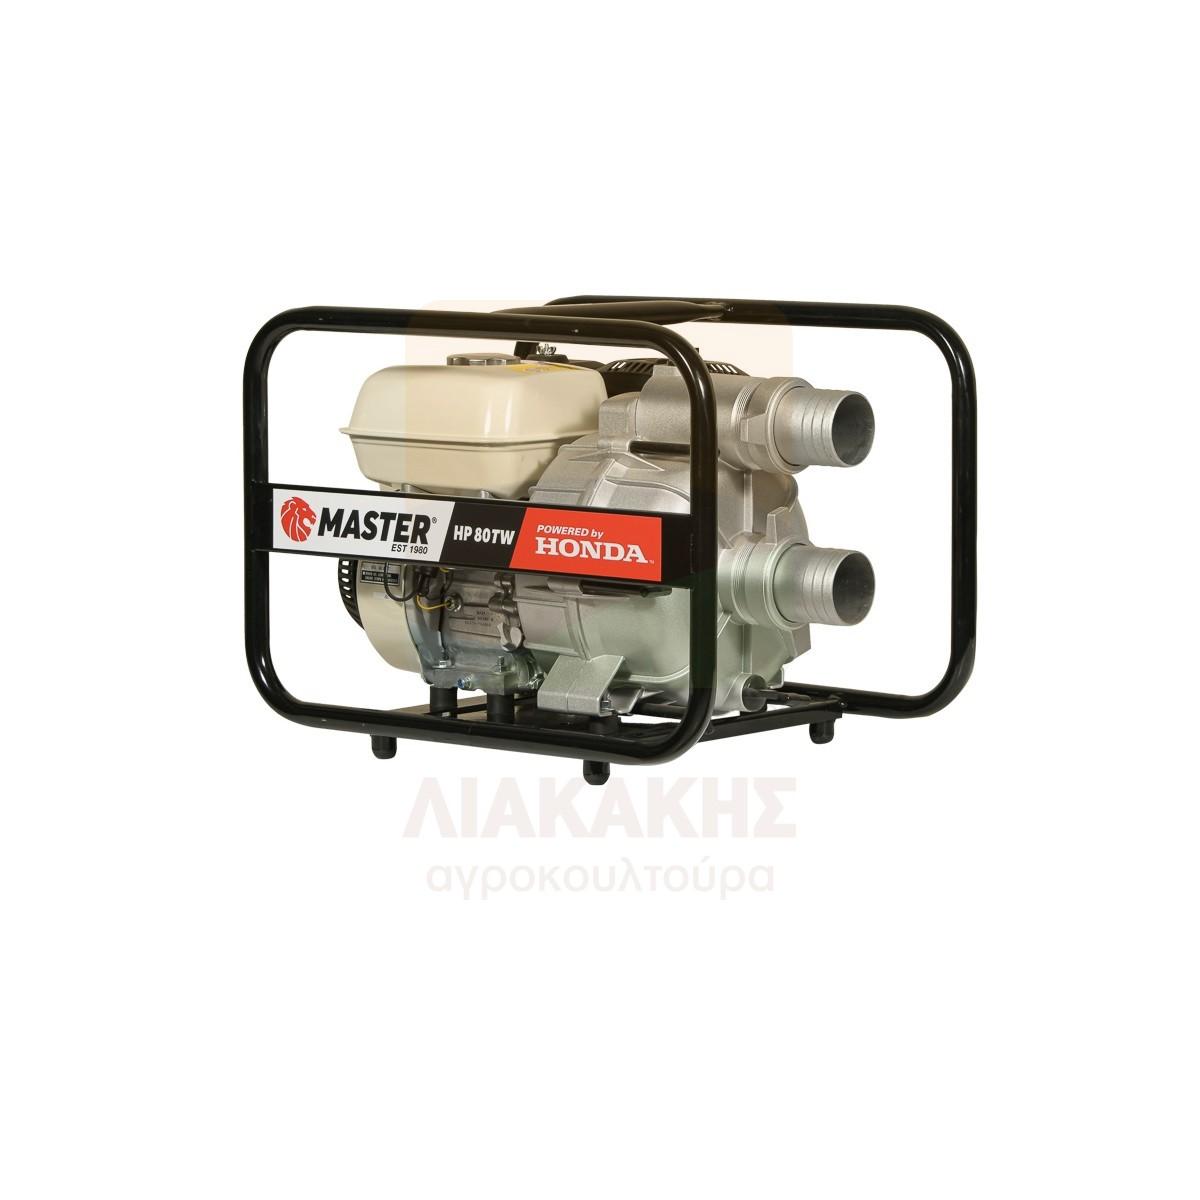 Αντλία ημι-ακαθάρτων βενζινοκίνητη MASTER HP 80TW